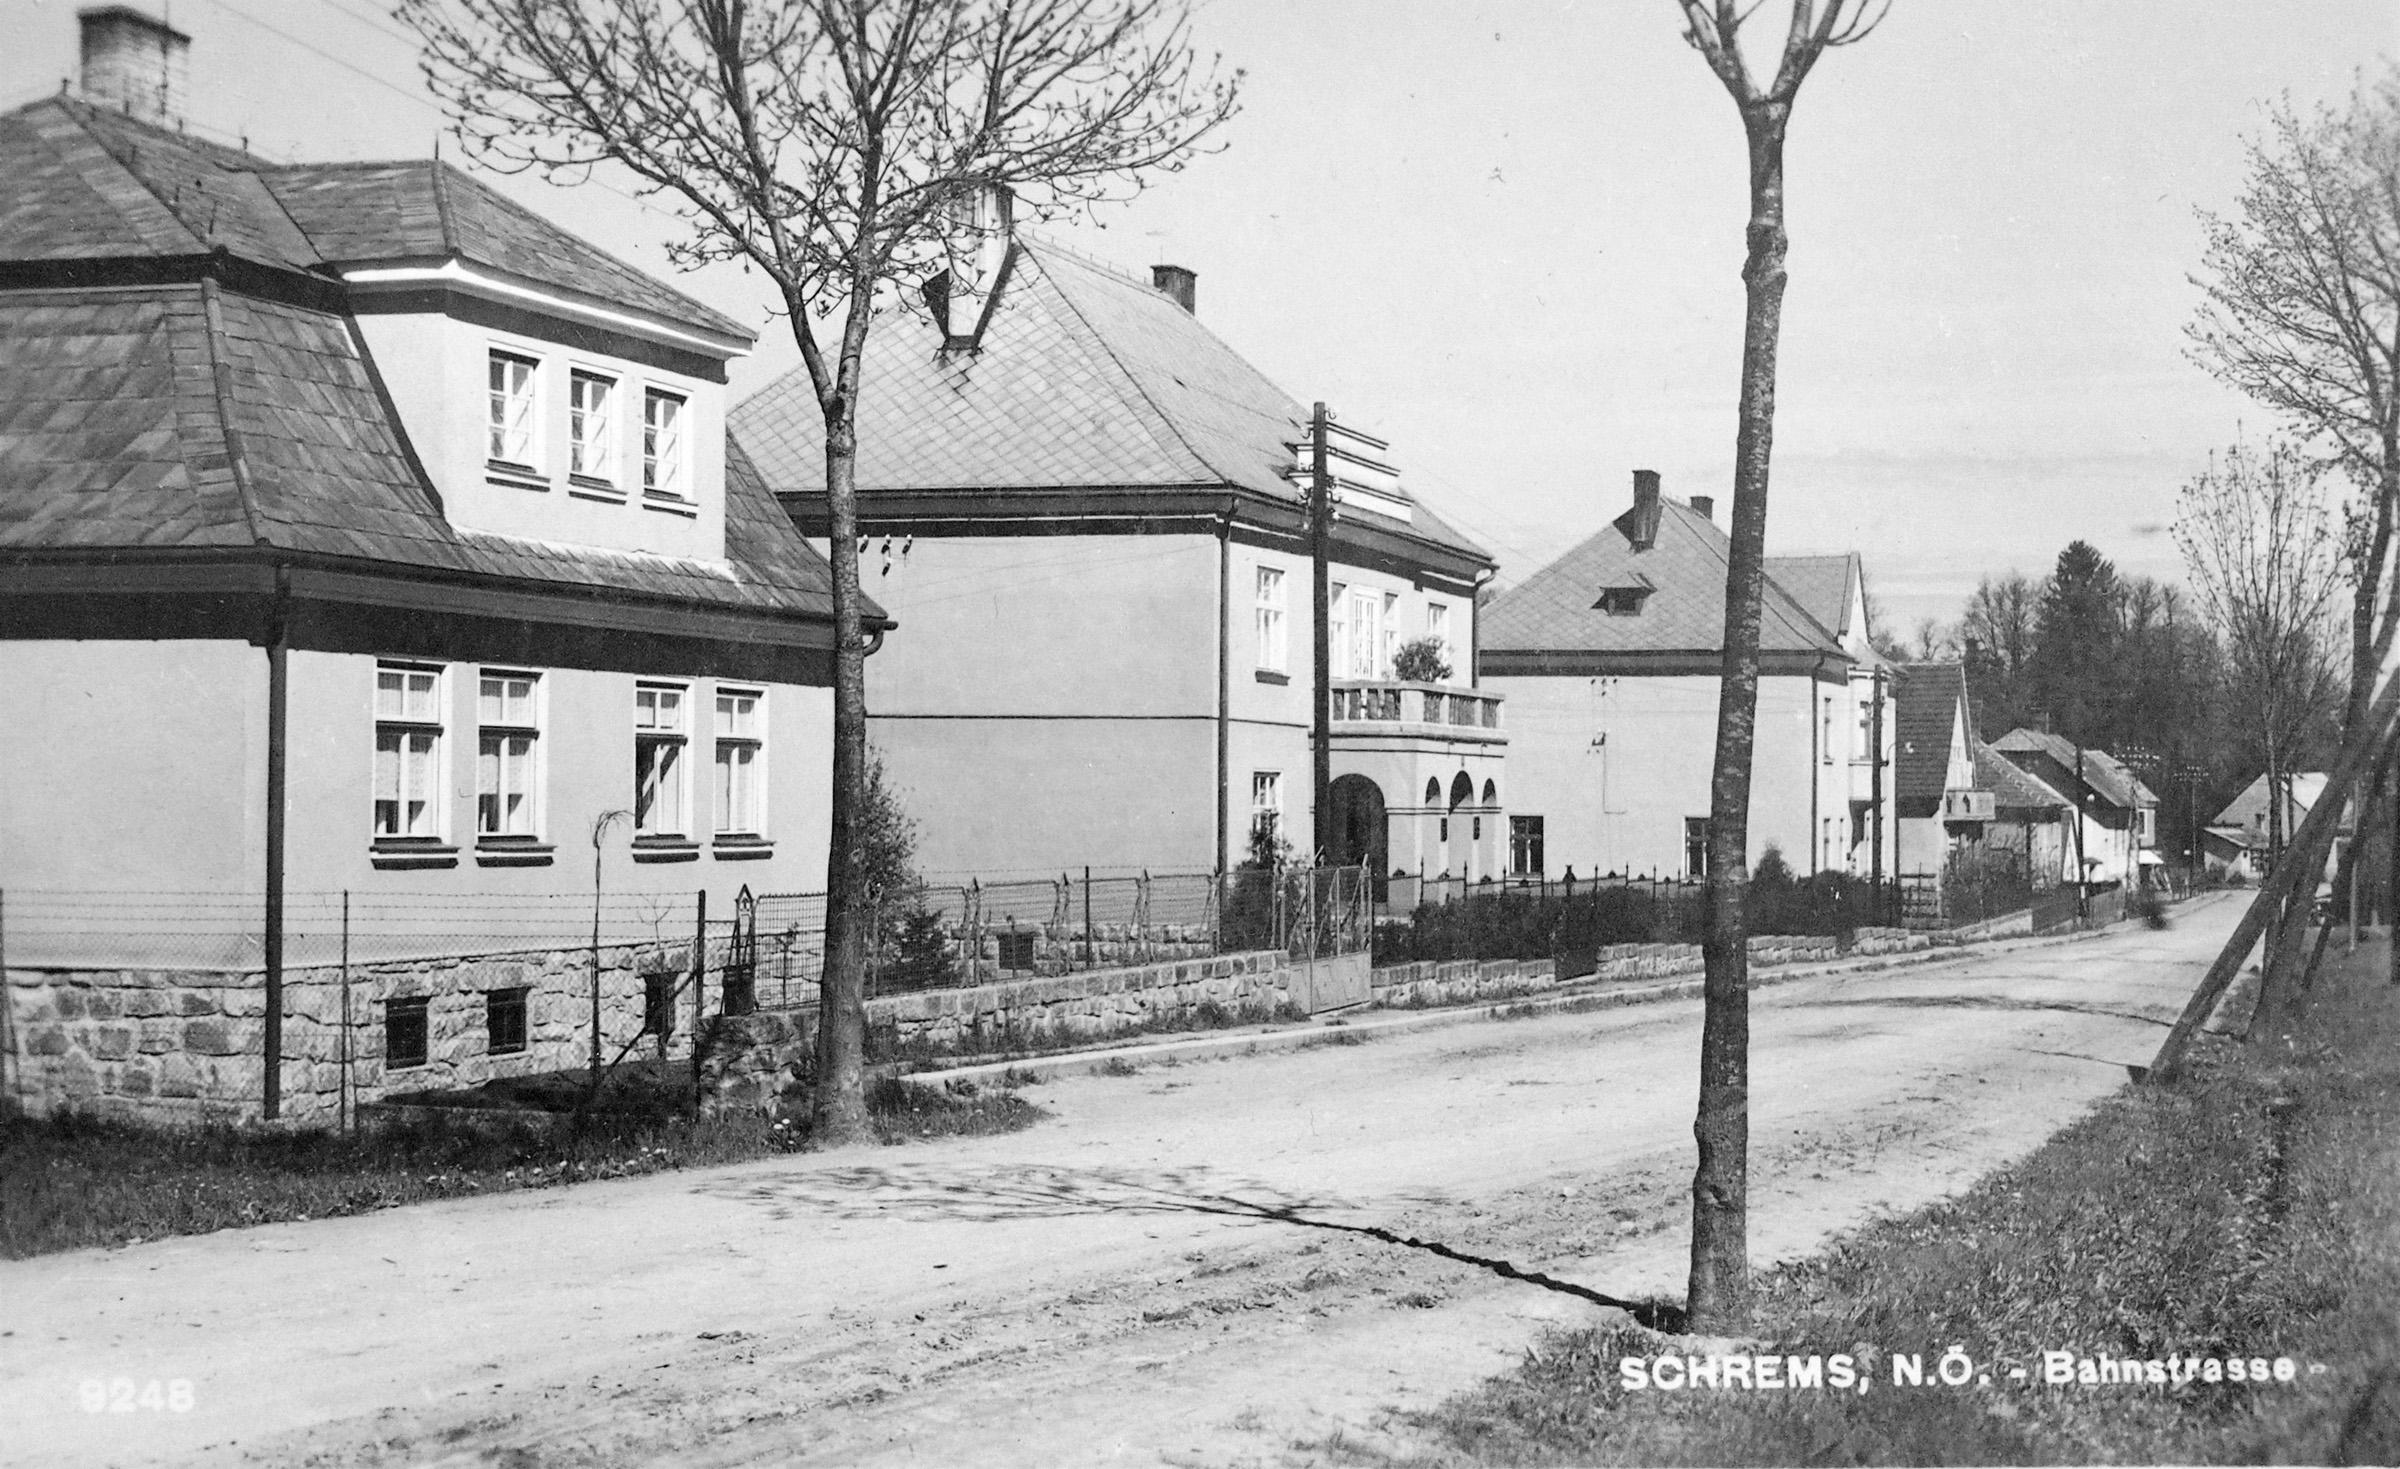 Bahnstrasse Schrems 01.jpg